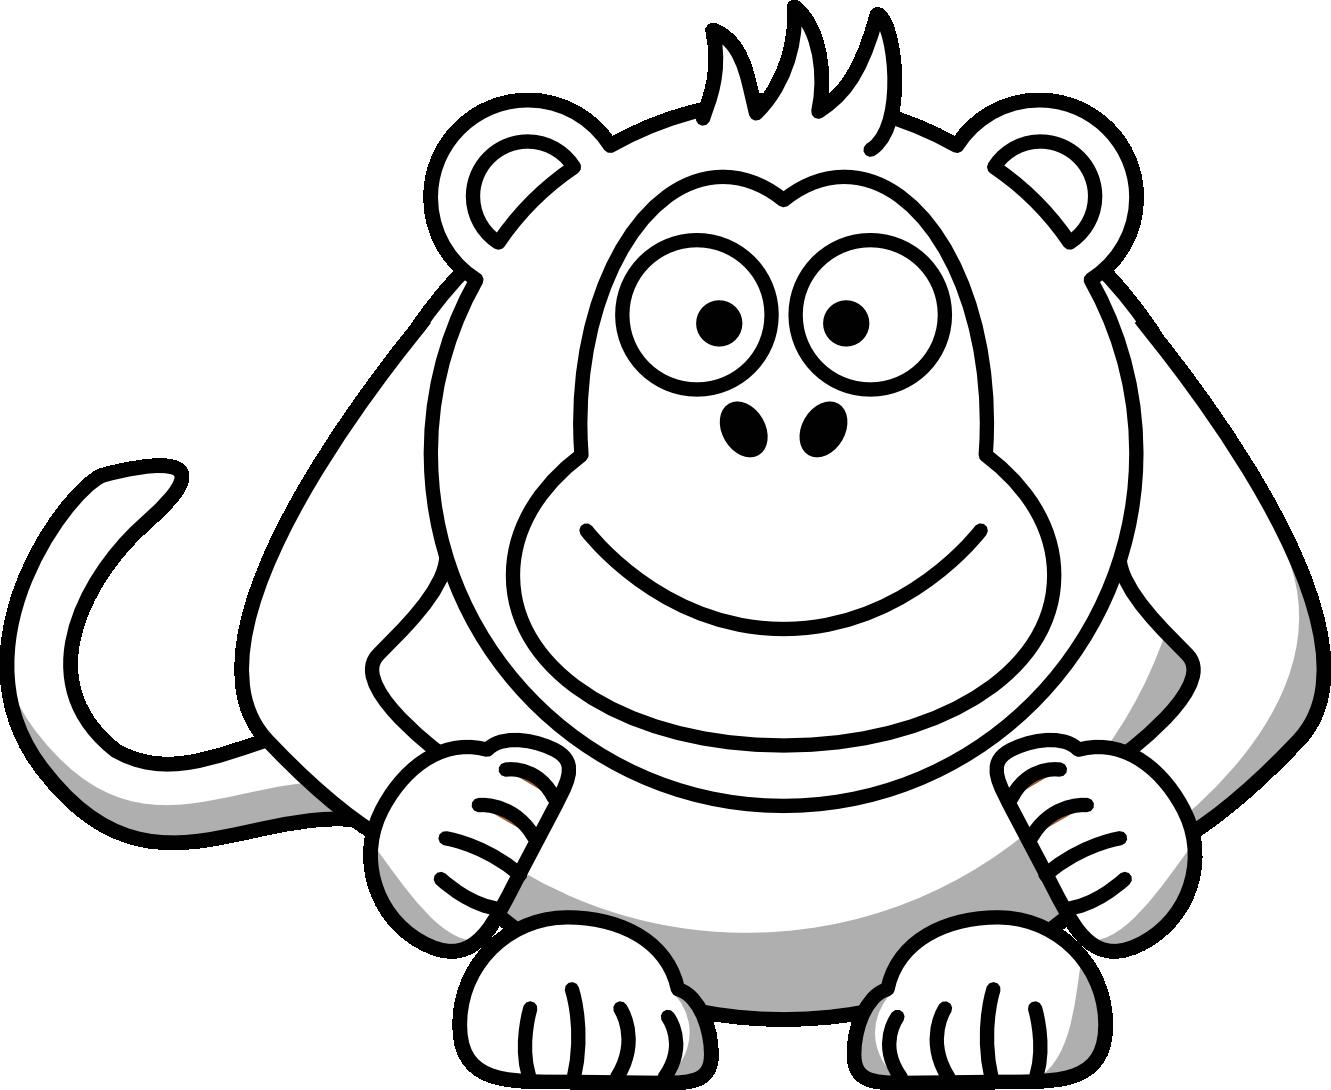 1331x1090 Monkey clip art cute monkeyloring pages cartoon monkey